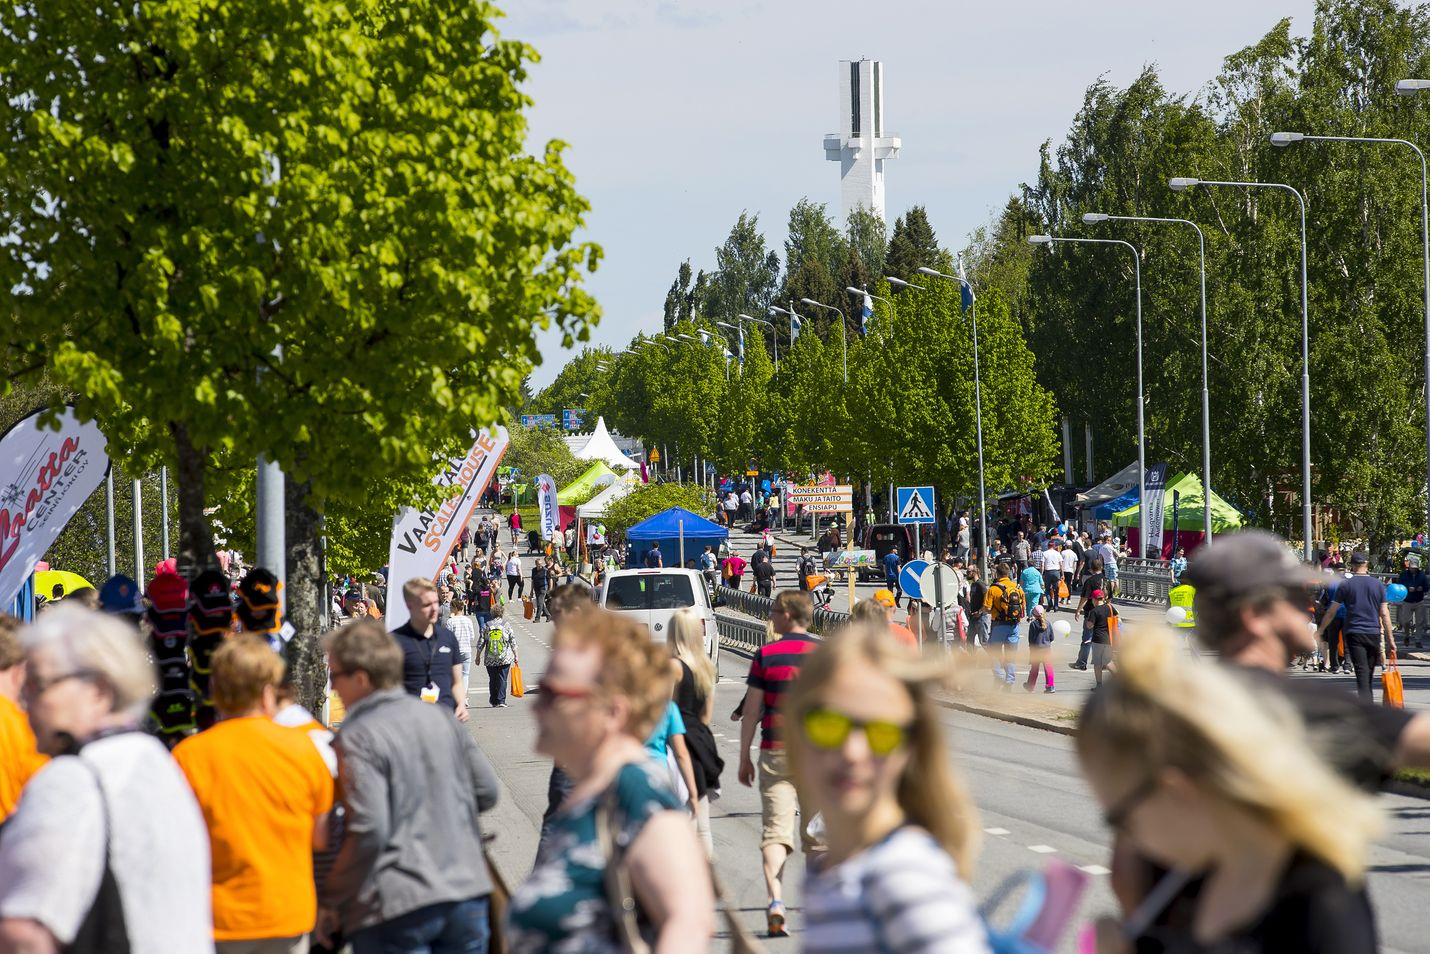 Seinäjoen Farmarin vierailijamäärä nousi kesällä 2017 lähes sataantuhanteen.